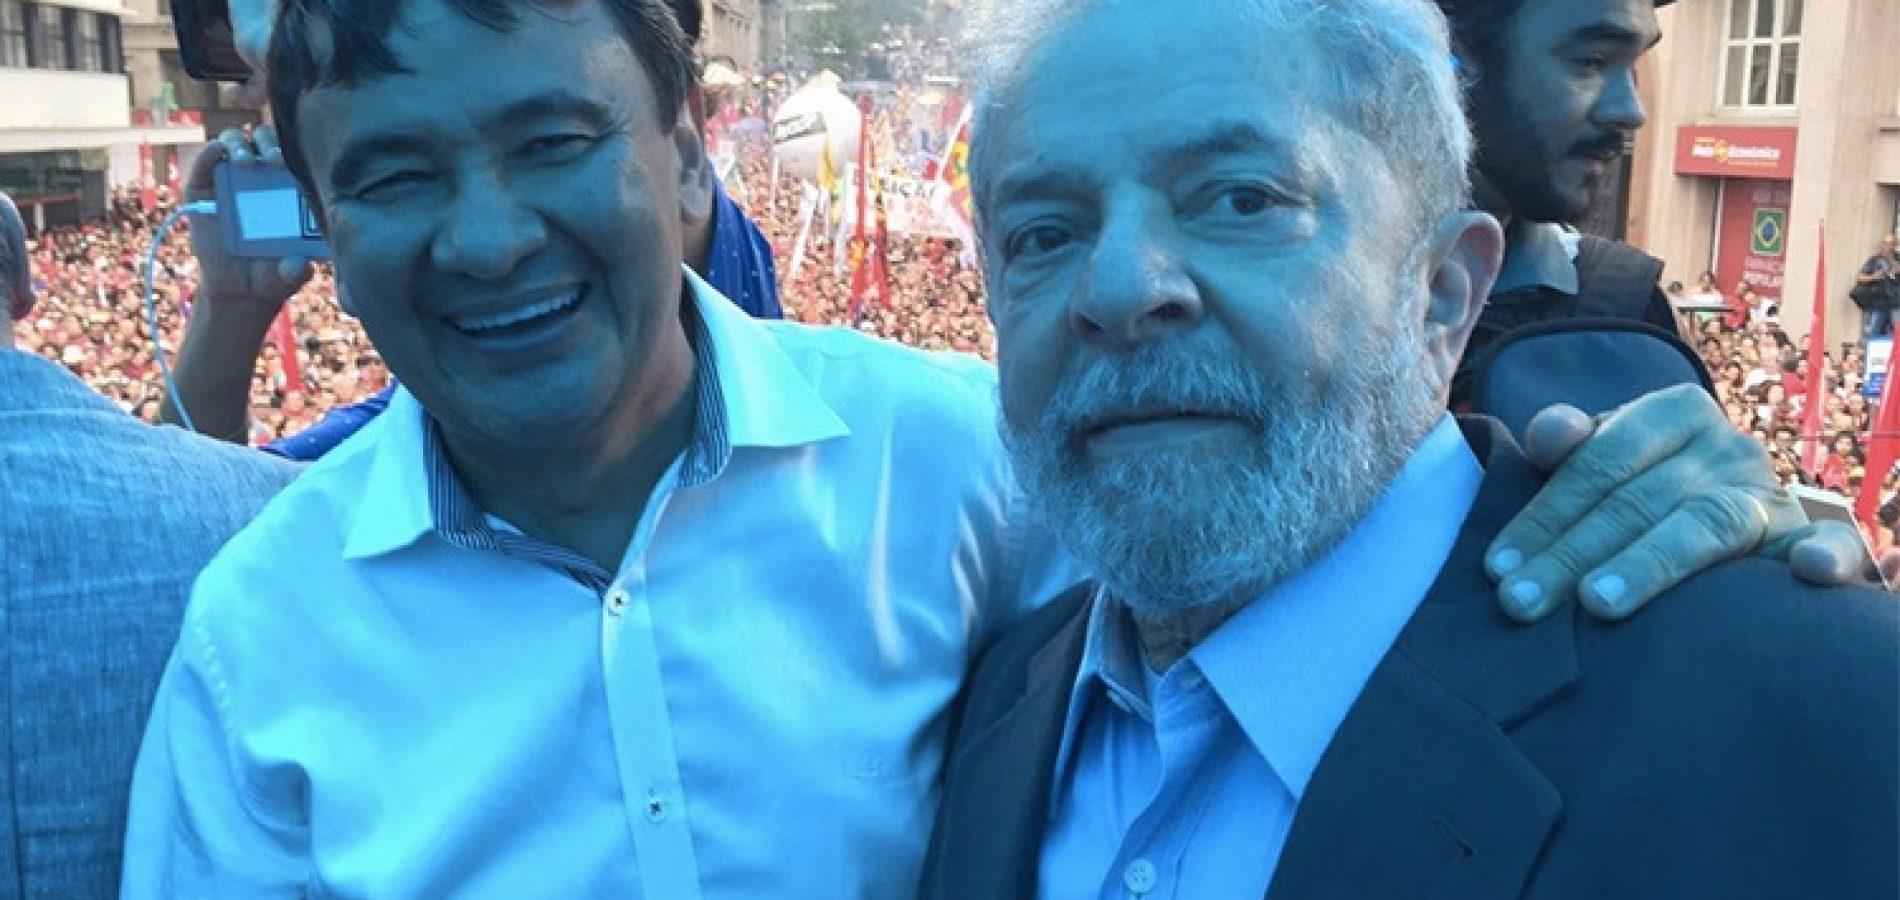 E se o Lula não for candidato, como fica o cenário político no Piauí?!